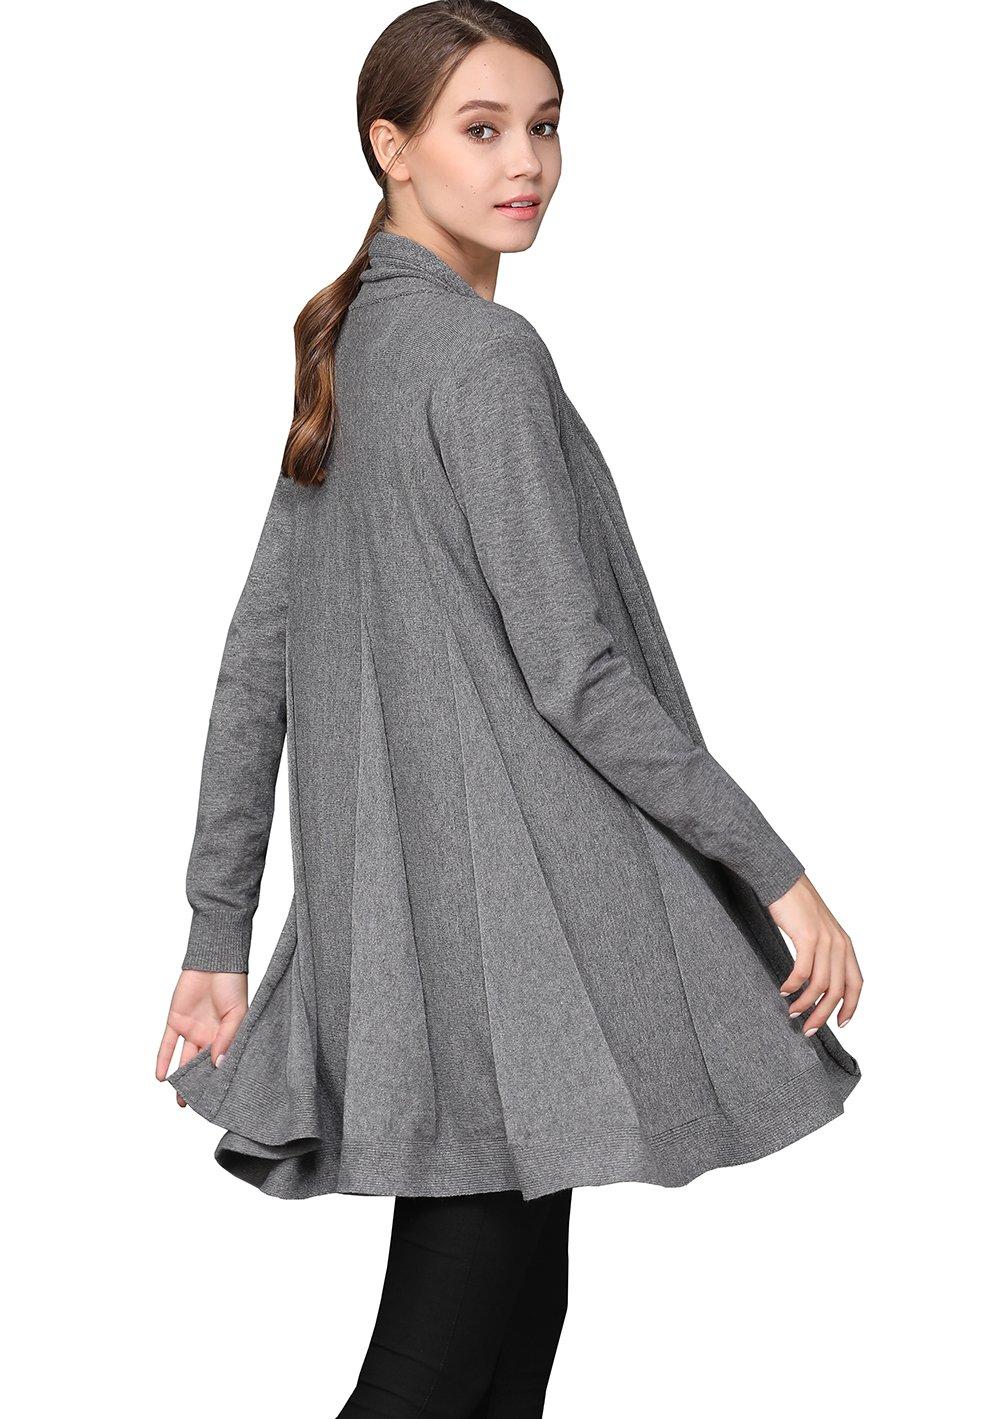 shengweiao Womens Long Sleeve Classic Knit Cardigan Sweater (Large, Dark Grey) by shengweiao (Image #4)